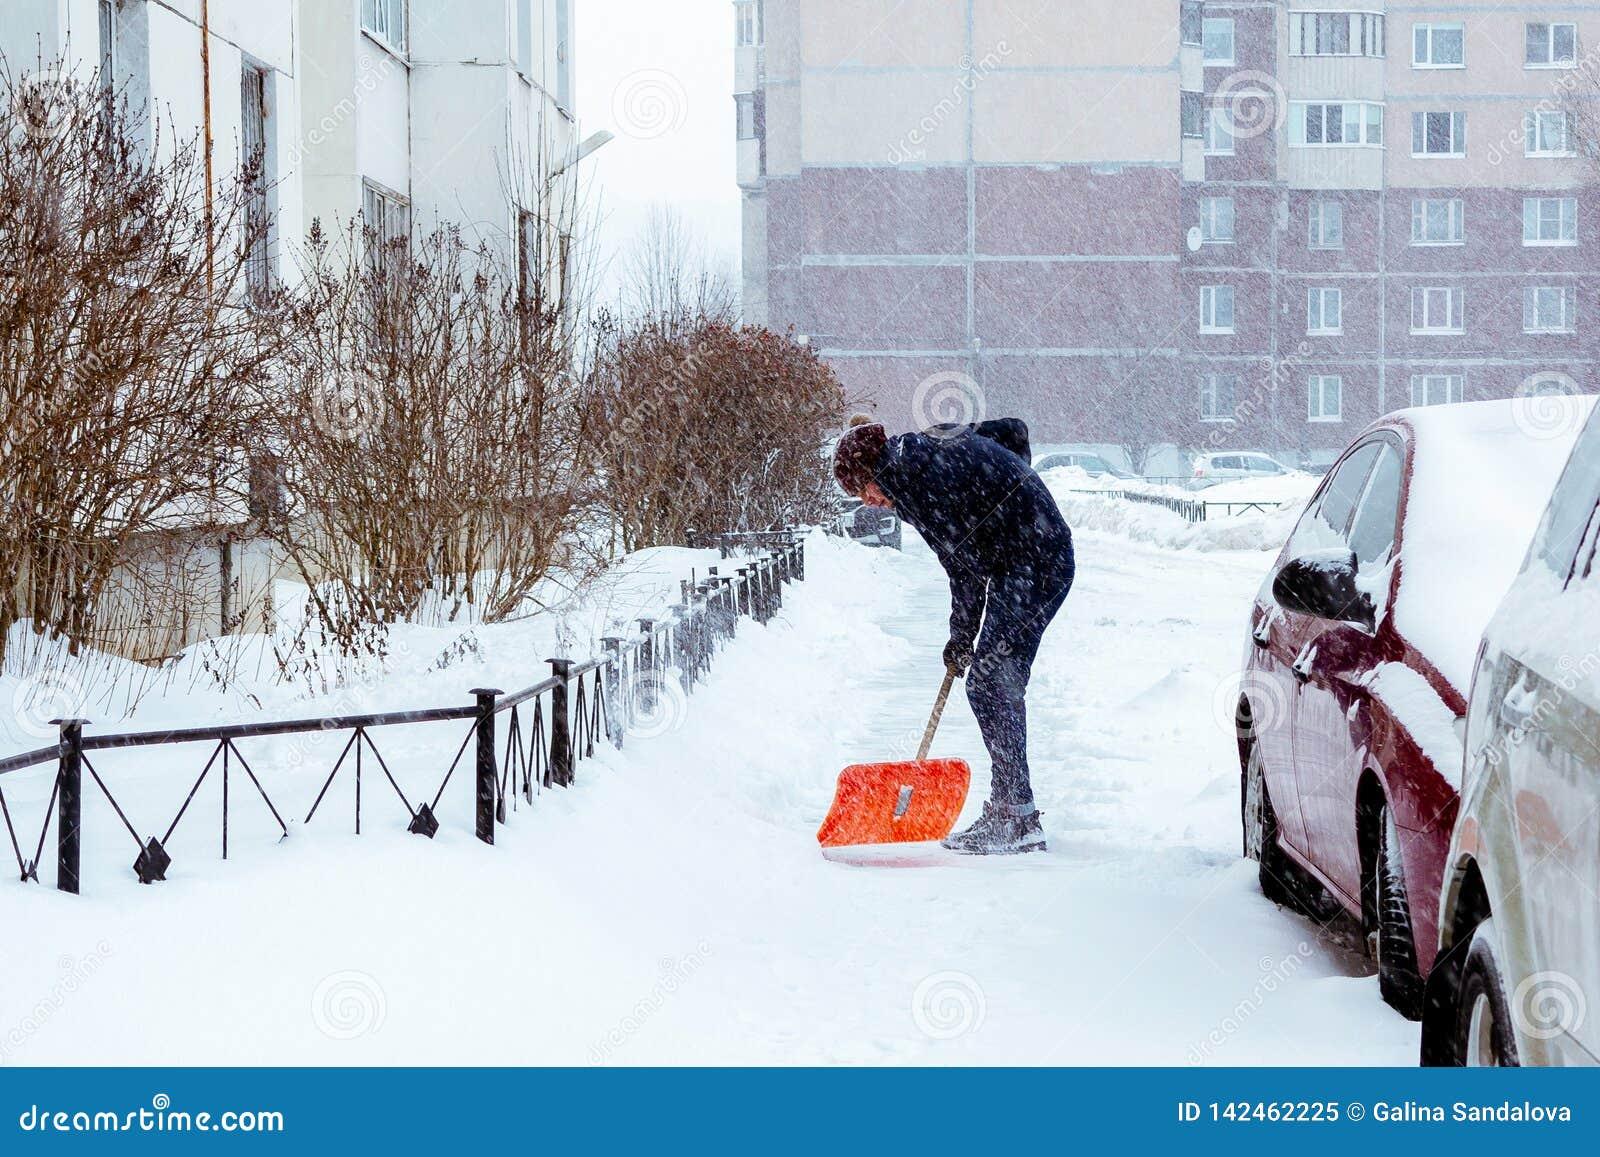 St Petersburg, Russie - 17 janvier 2019 : Un homme nettoie la neige dans la cour avec une pelle après les chutes de neige lourdes